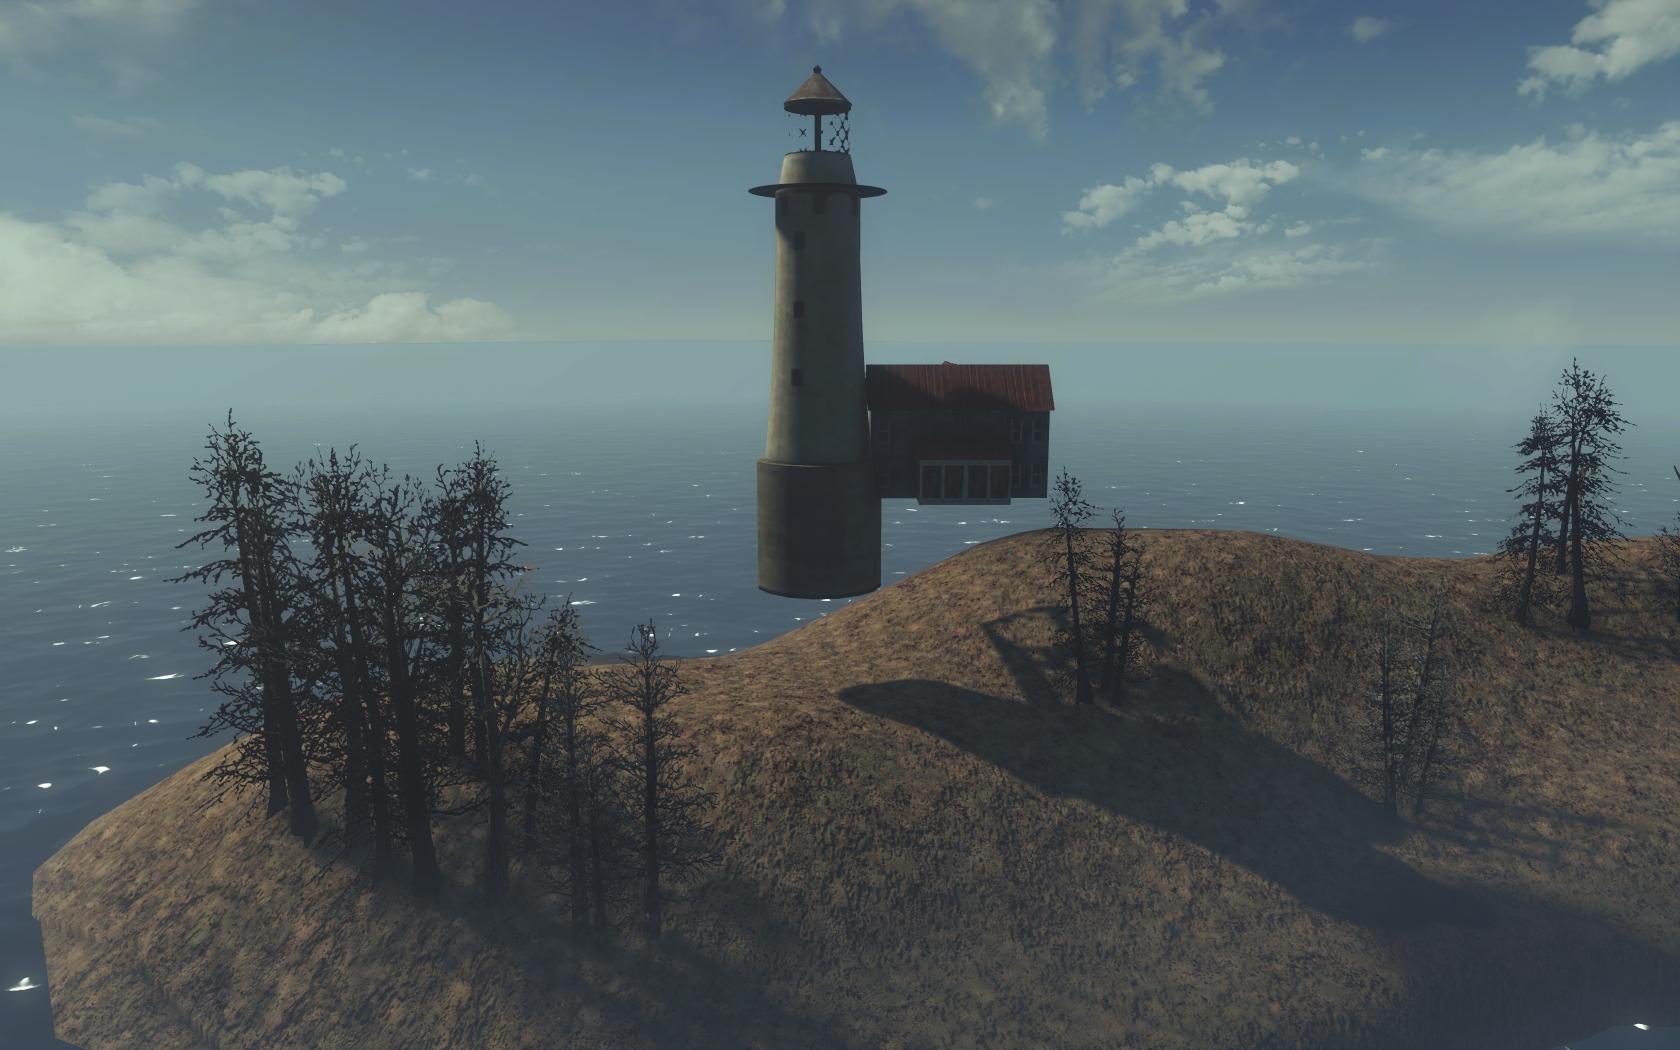 Недоступная локация на границе карты (Фар-Харбор, западнее Лагеря Рок-Пойнт) - Fallout 4 граница карты, Лагерь, Лагерь Рок-Пойнт, локация, Недоступный, Рок-Пойнт